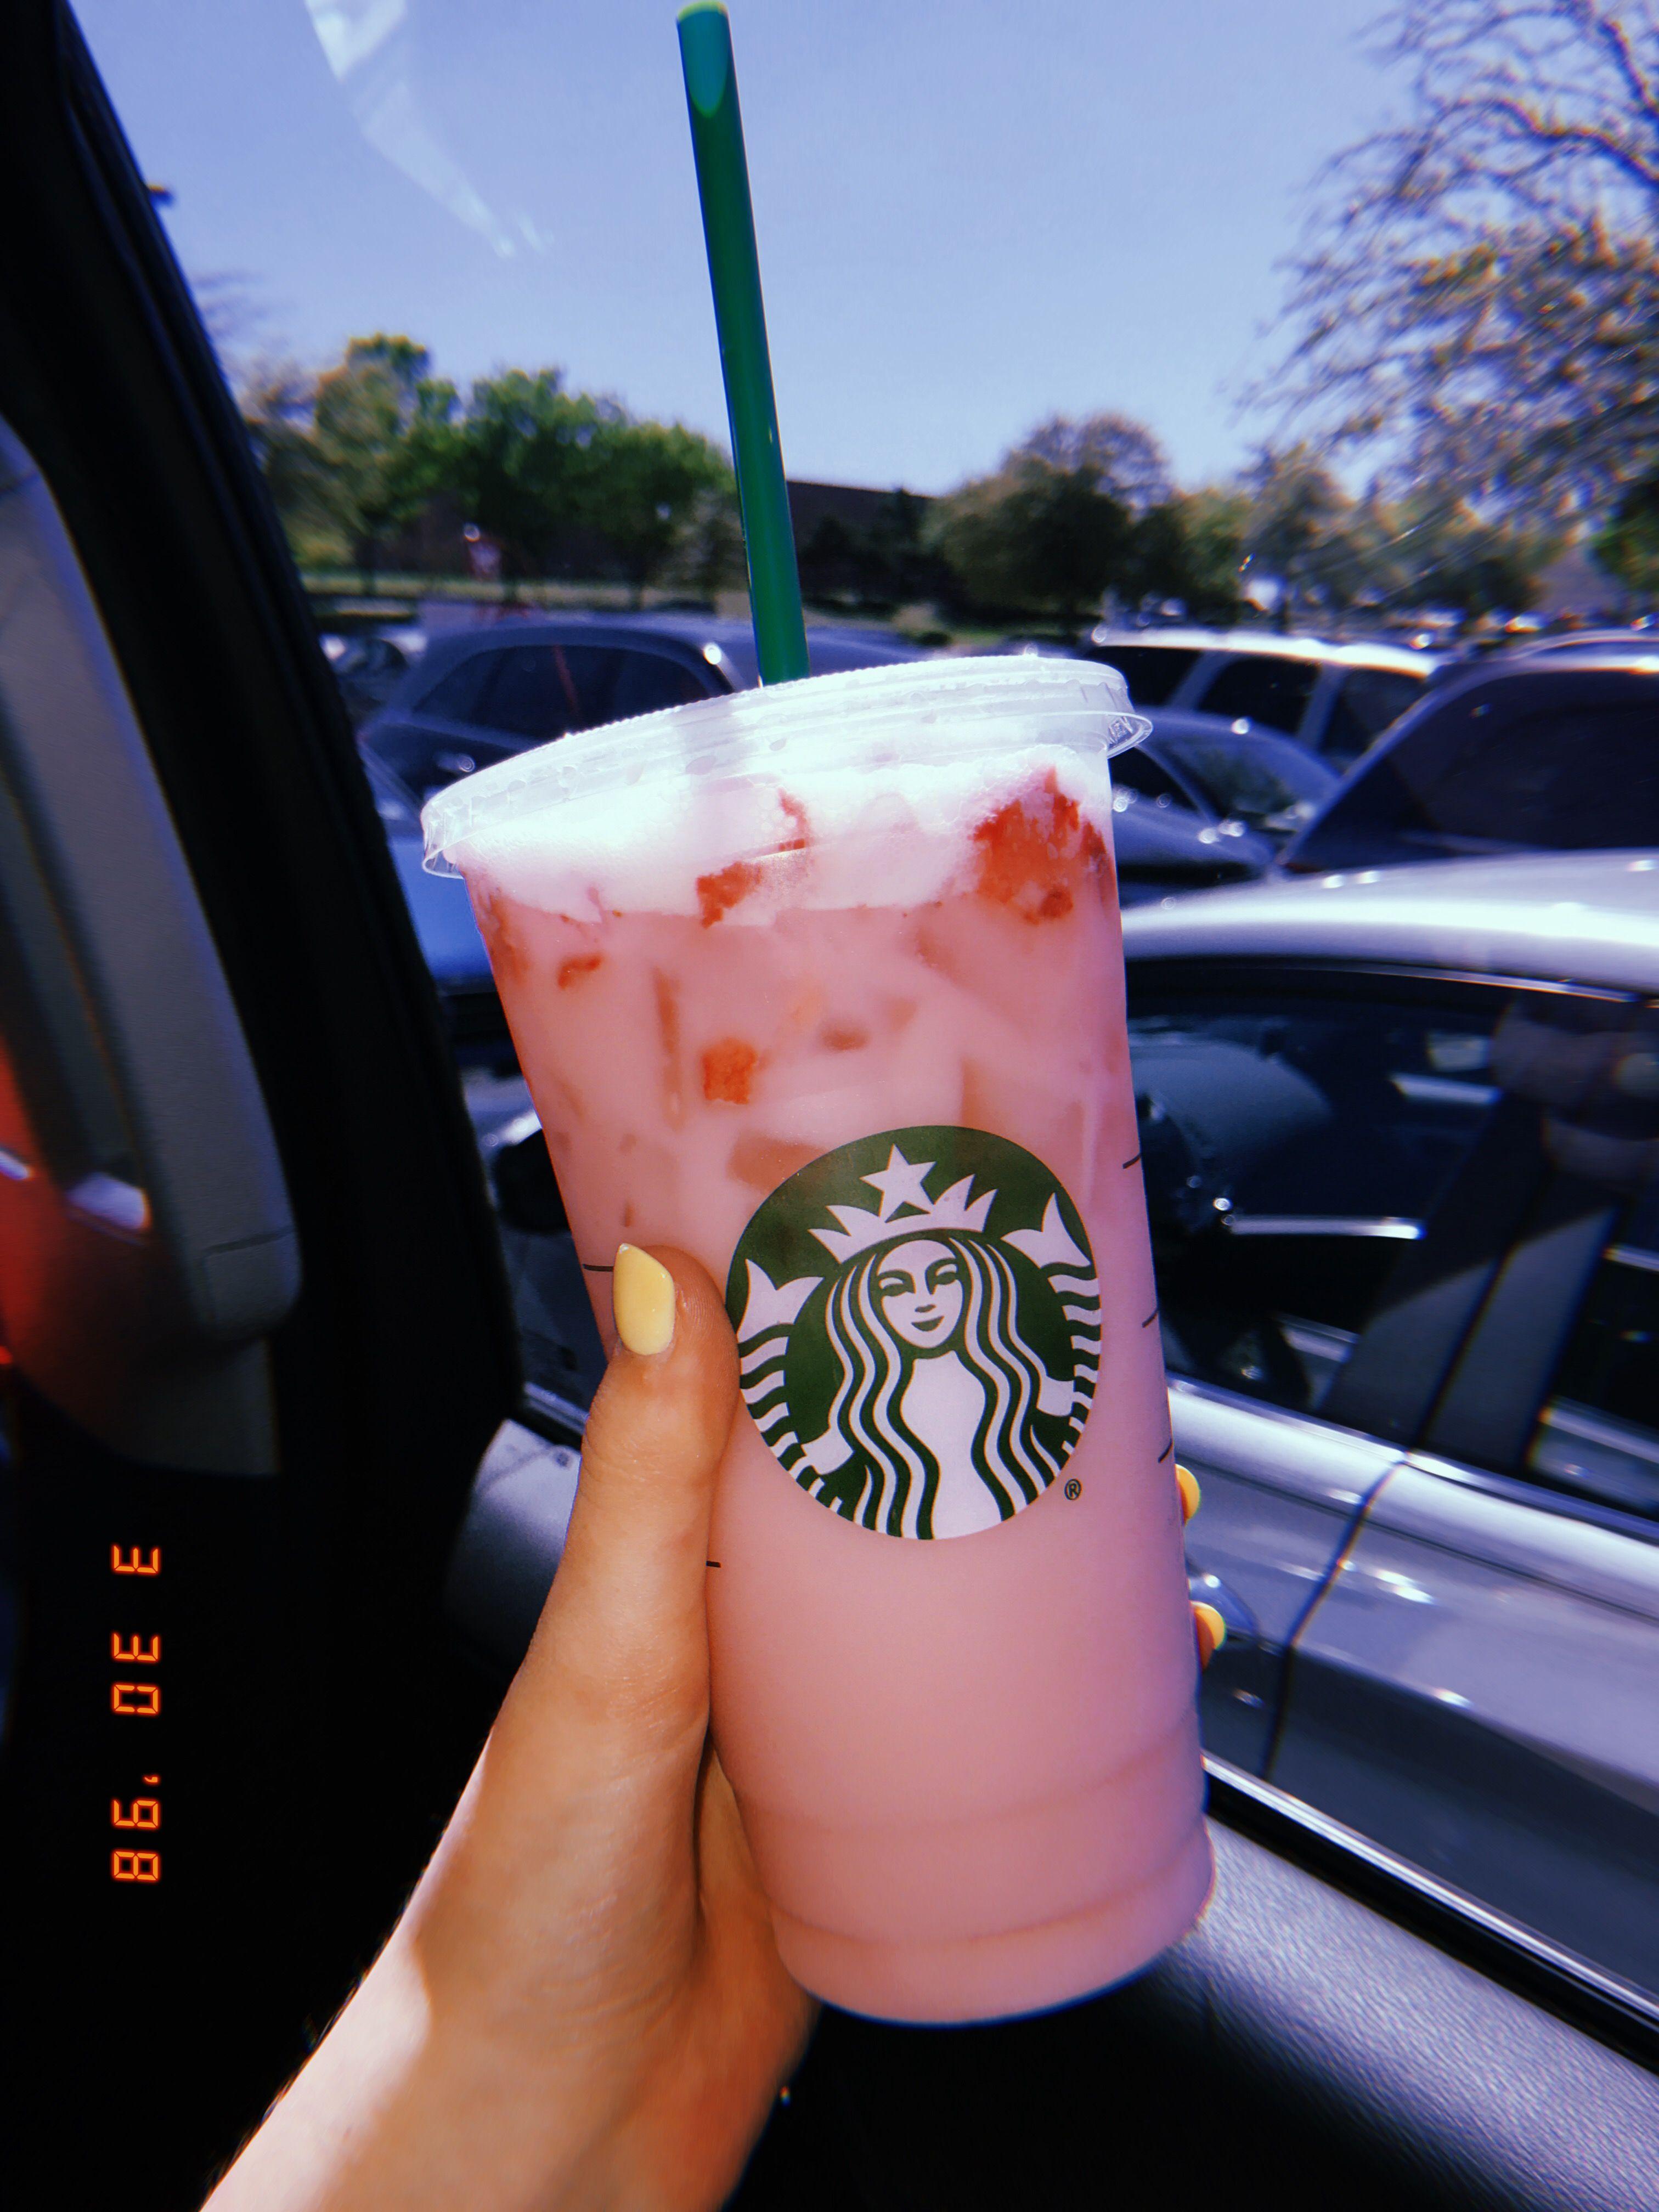 ᴾⁱⁿ ☆α ᵈ α . ʳ ⁱ ᵒ ˢ ‼️️☹☆ Pink drinks, Starbucks hot